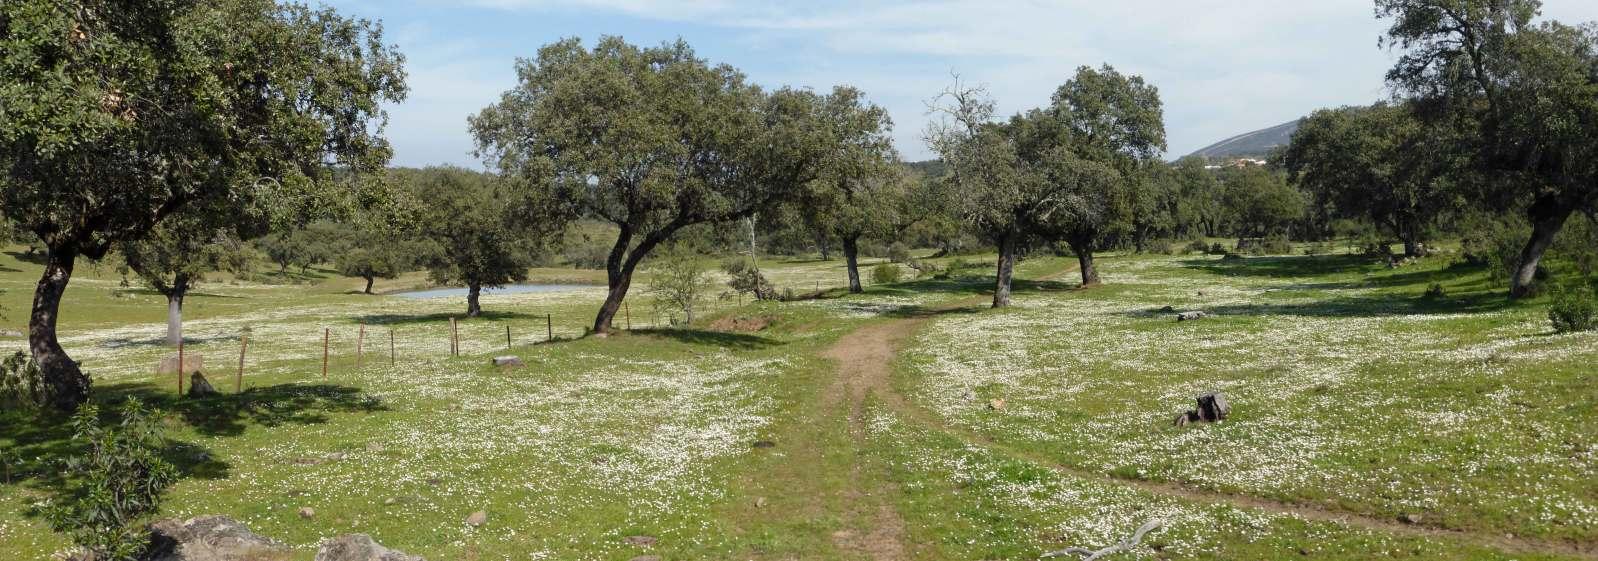 Vía de la Plata-Camino Sanabrés (Sevilla-Santiago). 2lifvus